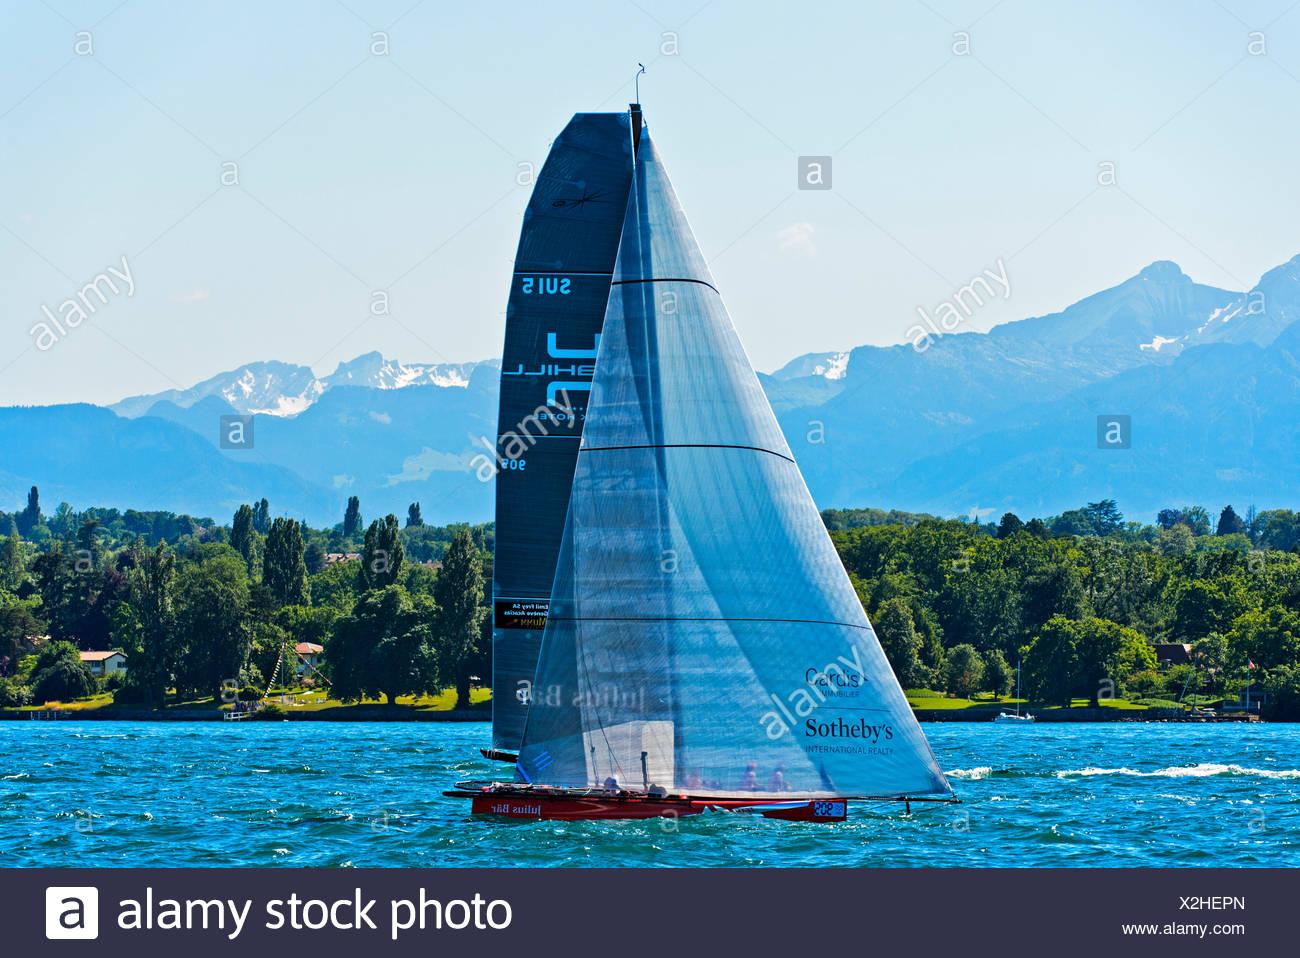 Barca a vela sui 5 Inclinazione del Team, sul Lago di Ginevra, regata Bol d'o Mirabaud, Cantone di Ginevra, Svizzera Immagini Stock